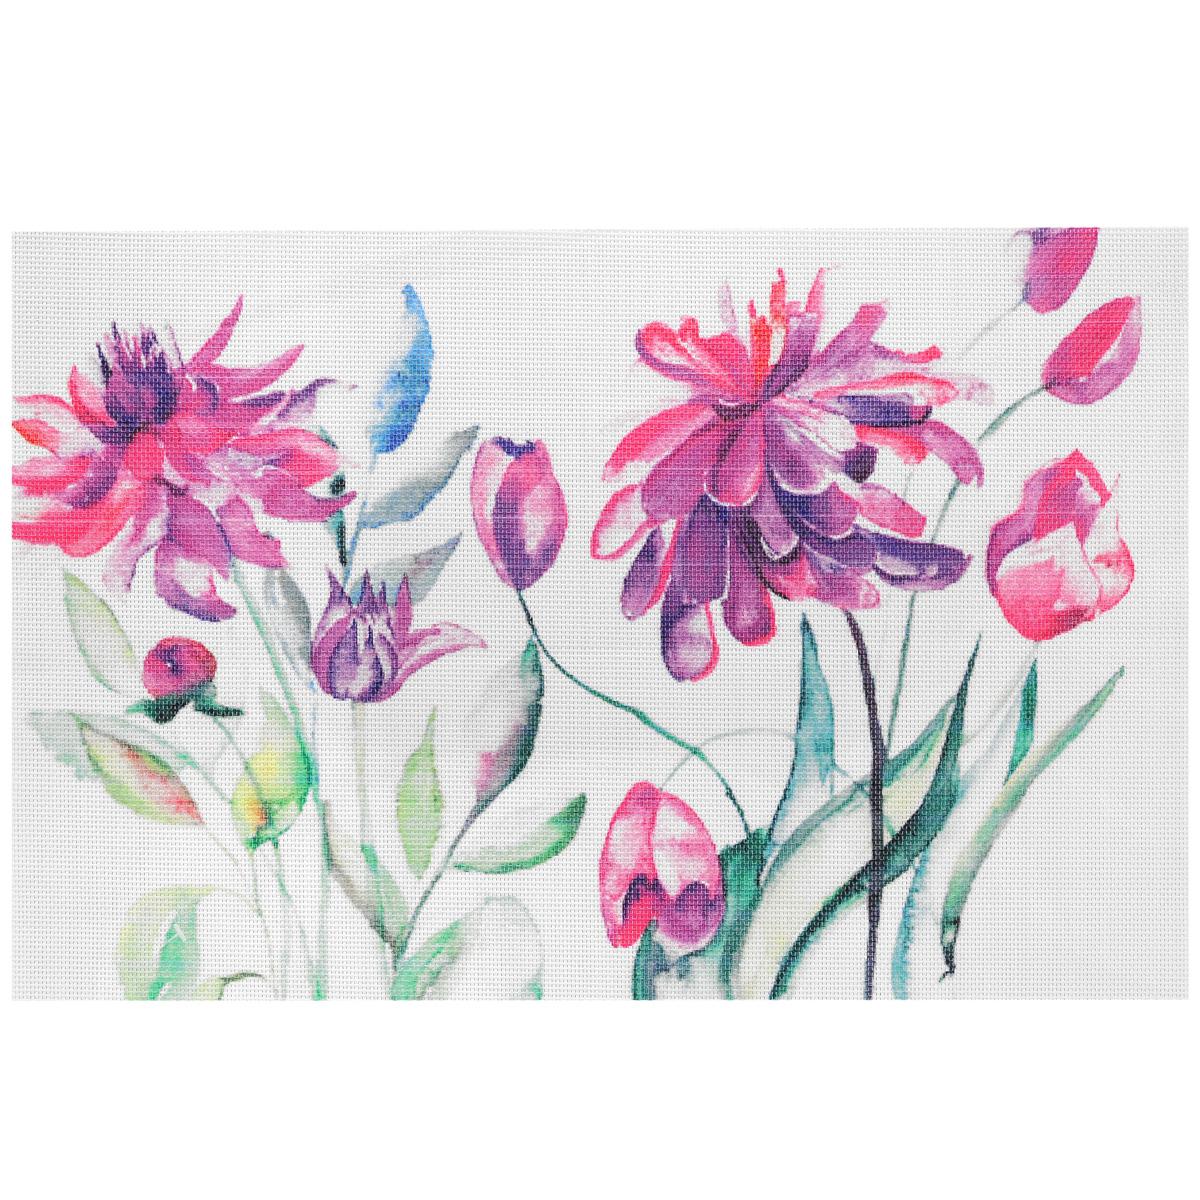 цена на Подставка под горячее Hans & Gretchen Весенние цветы, 45 х 30 см. 28HZ-9011